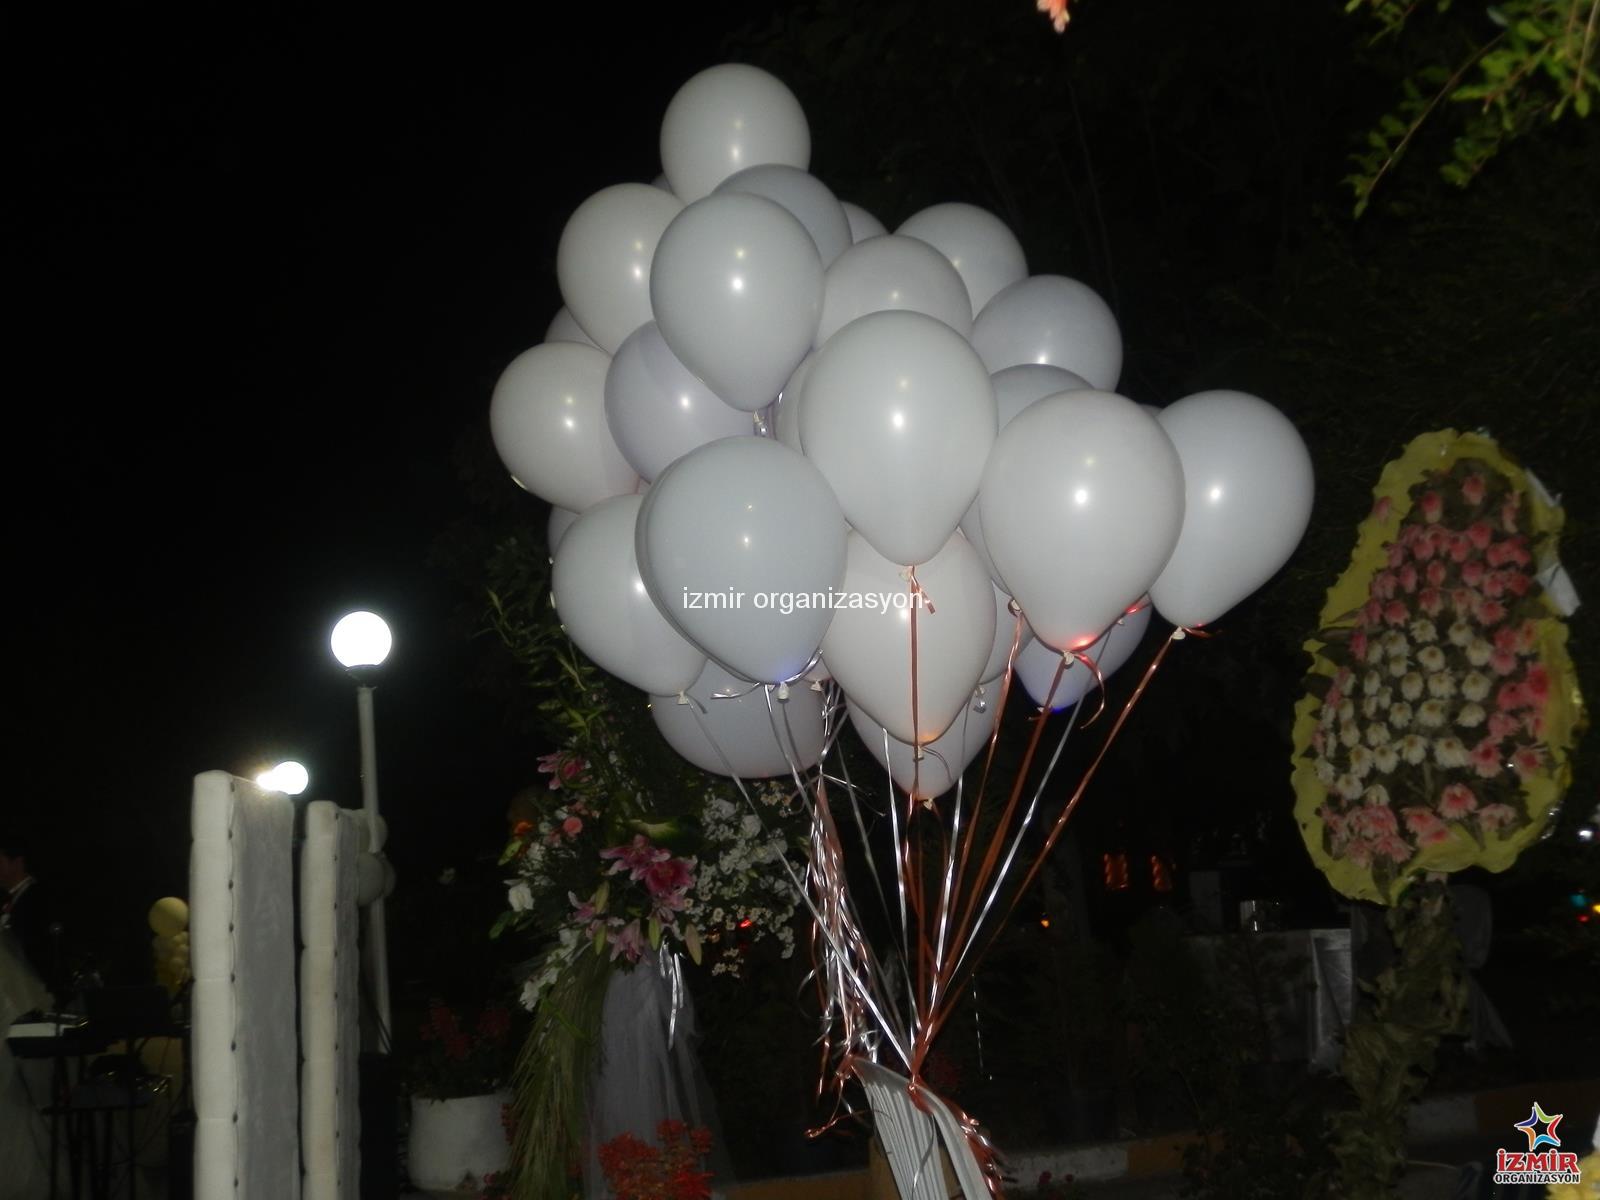 Balon Susleme Hizmeti Izmir Dugun Organizasyonu